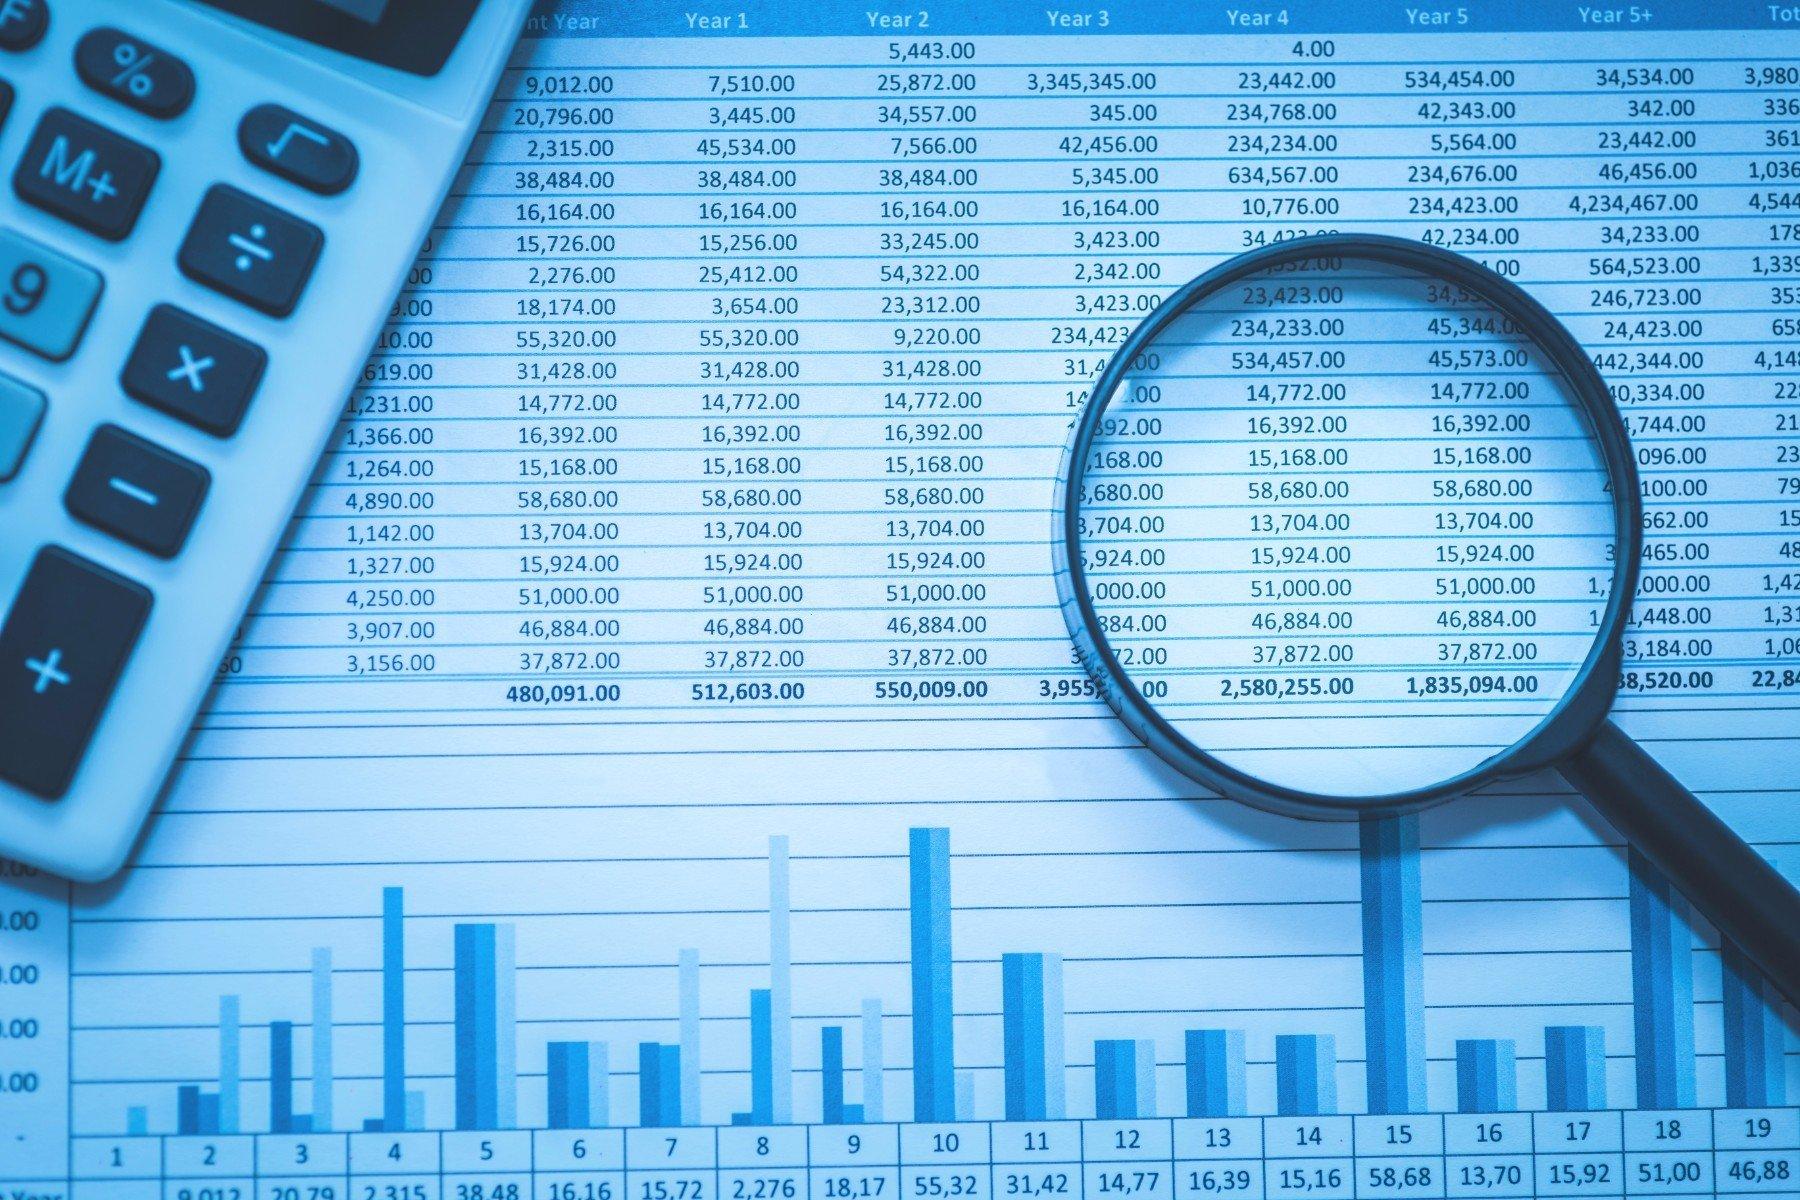 analisi dettagliata tabella risultati annuali